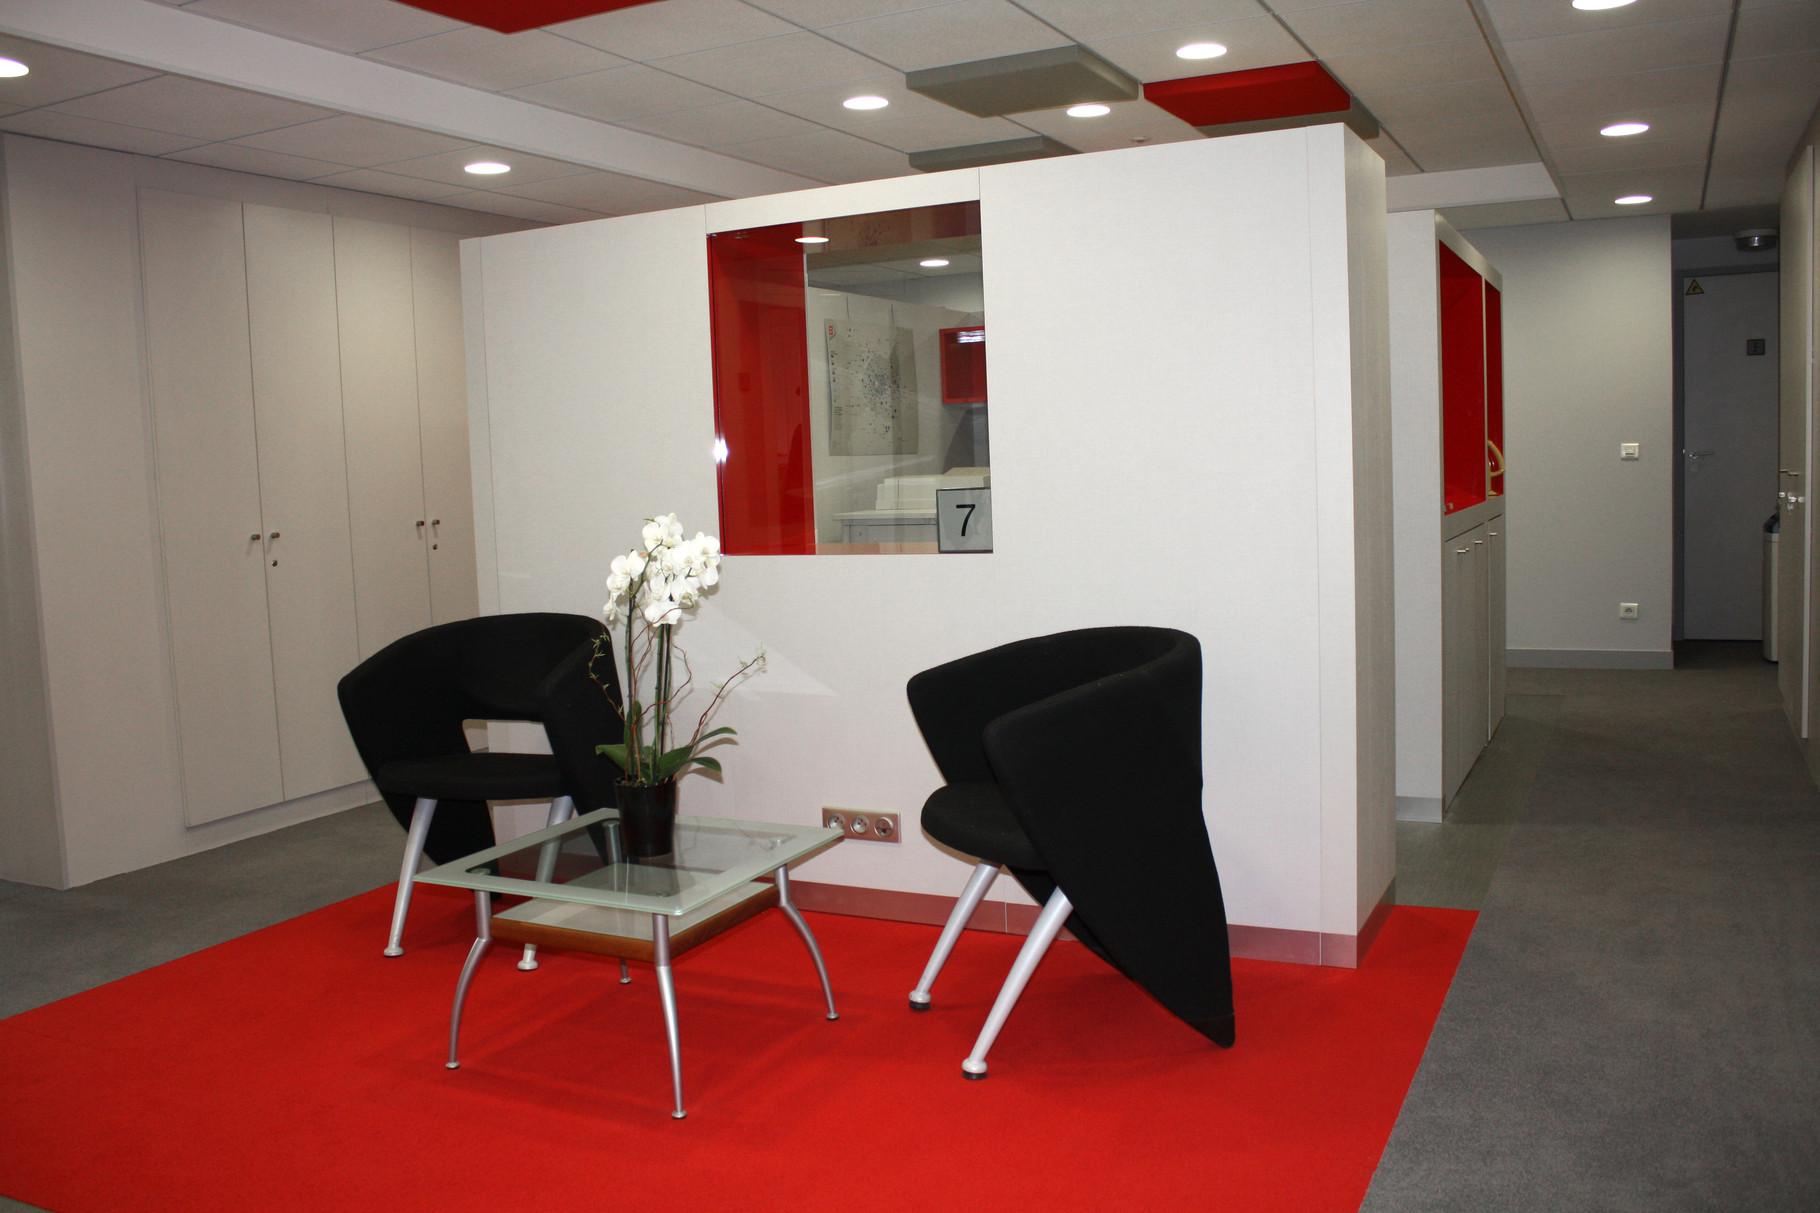 espace détente chaleureux et convivial dans l'entreprise